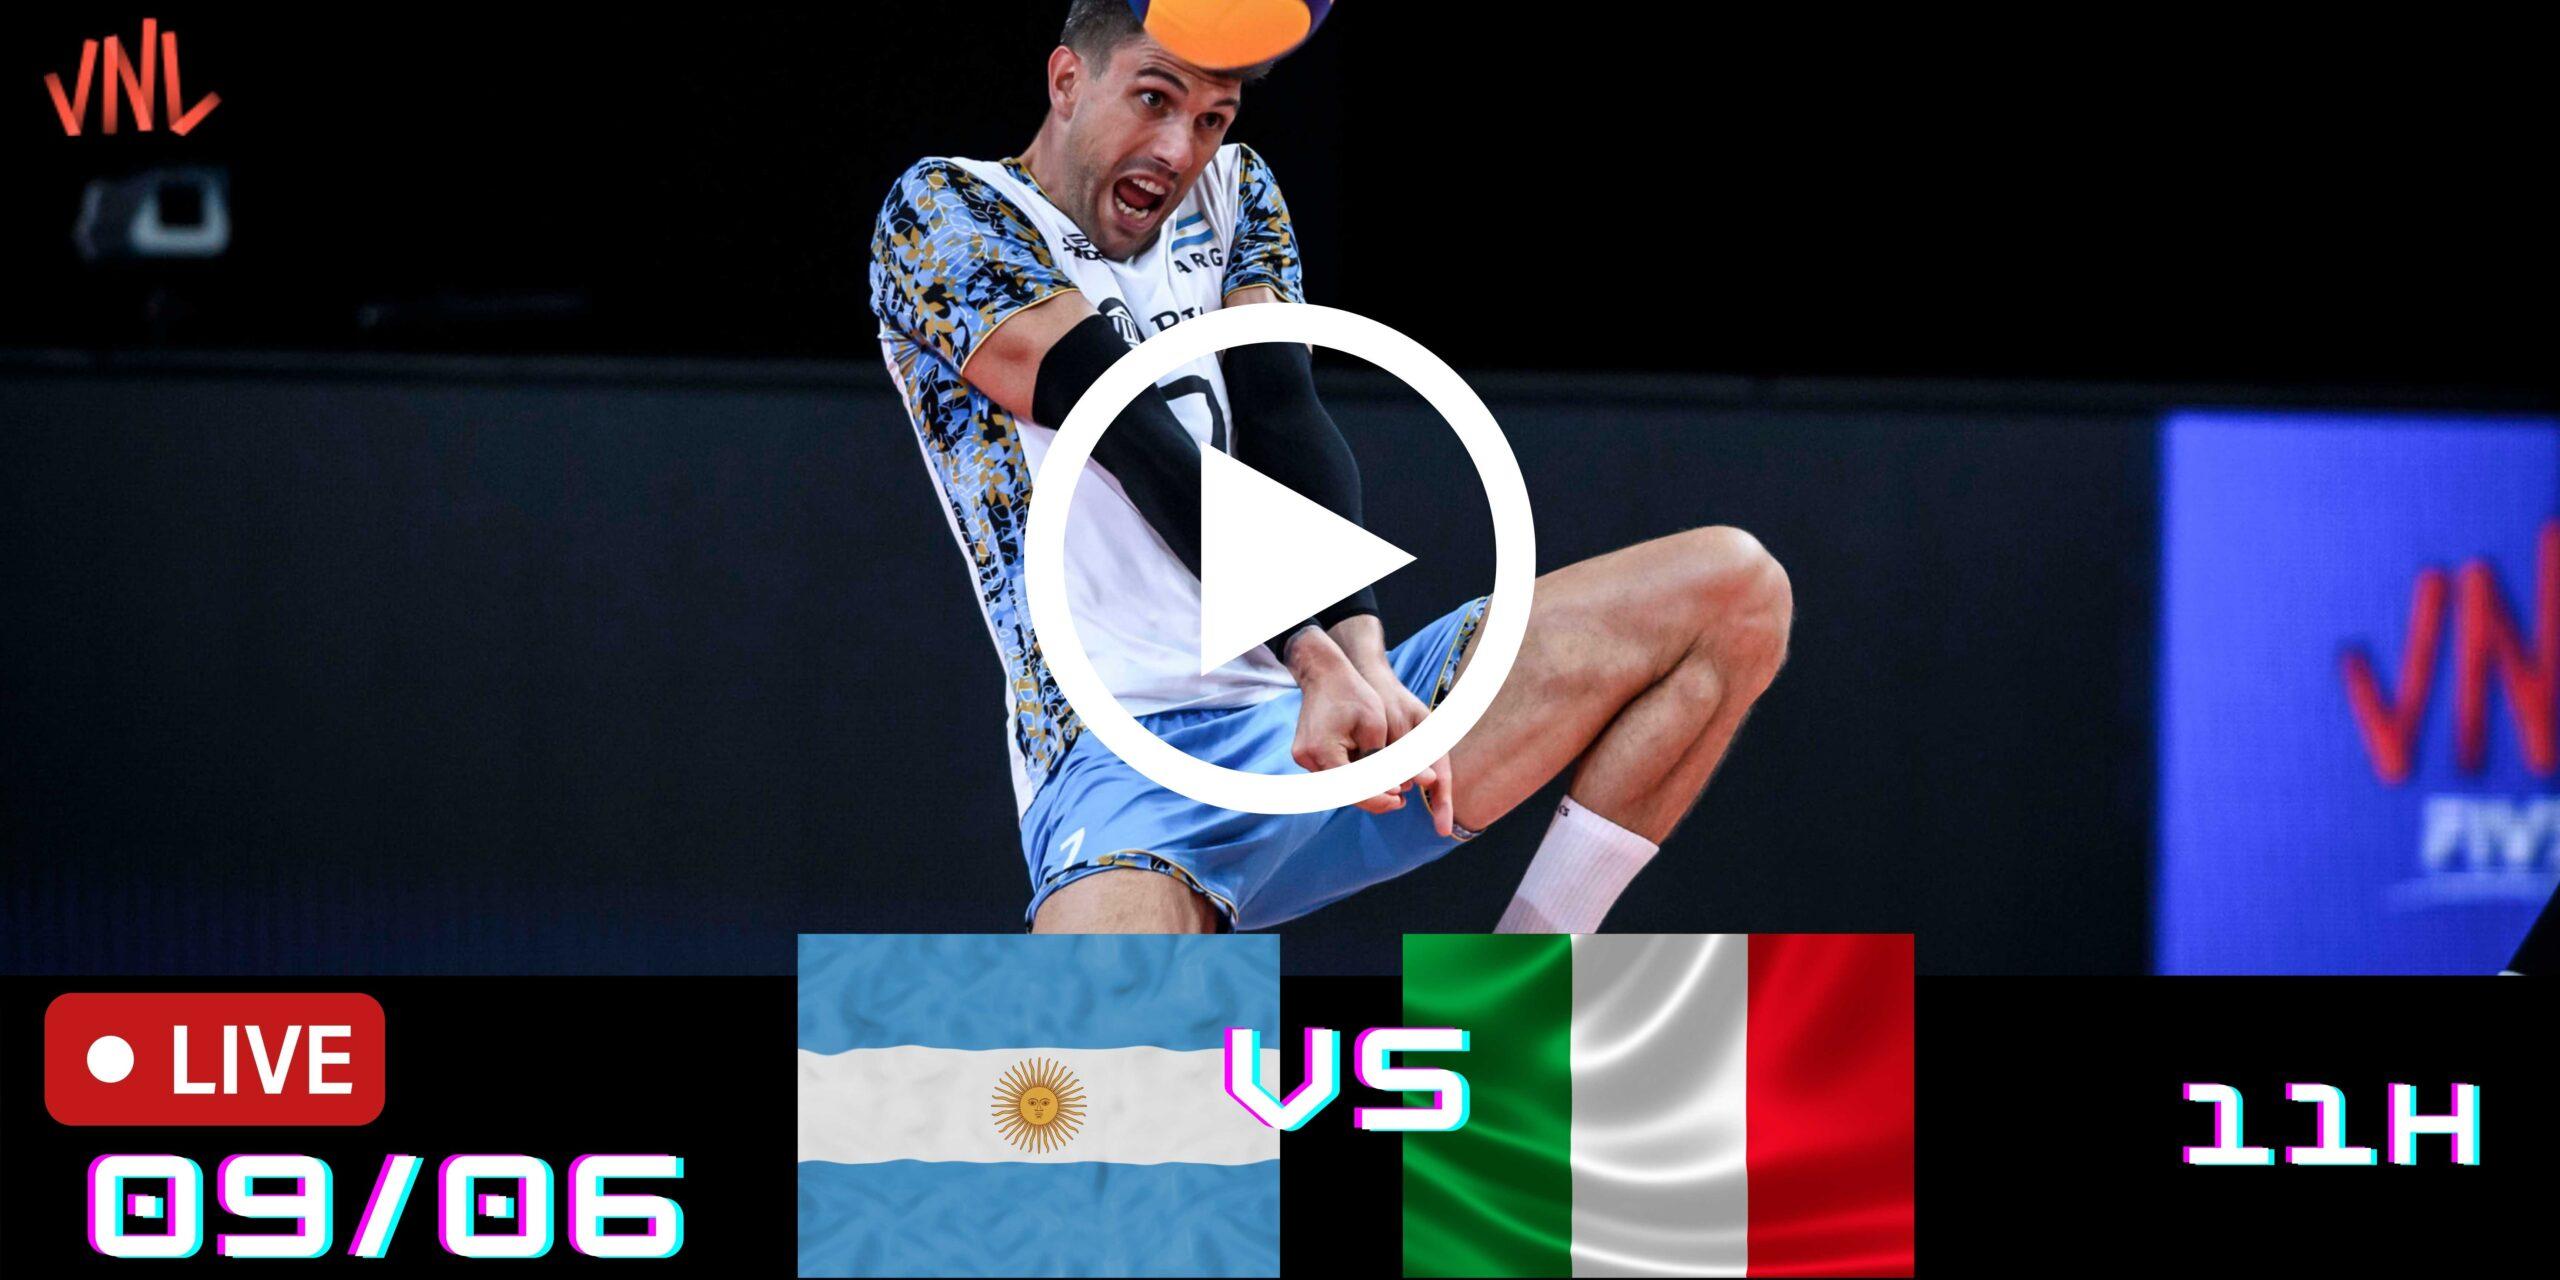 Resultado: Argentina 0 vs 3 Itália – Liga das Nações – 09/06/2021